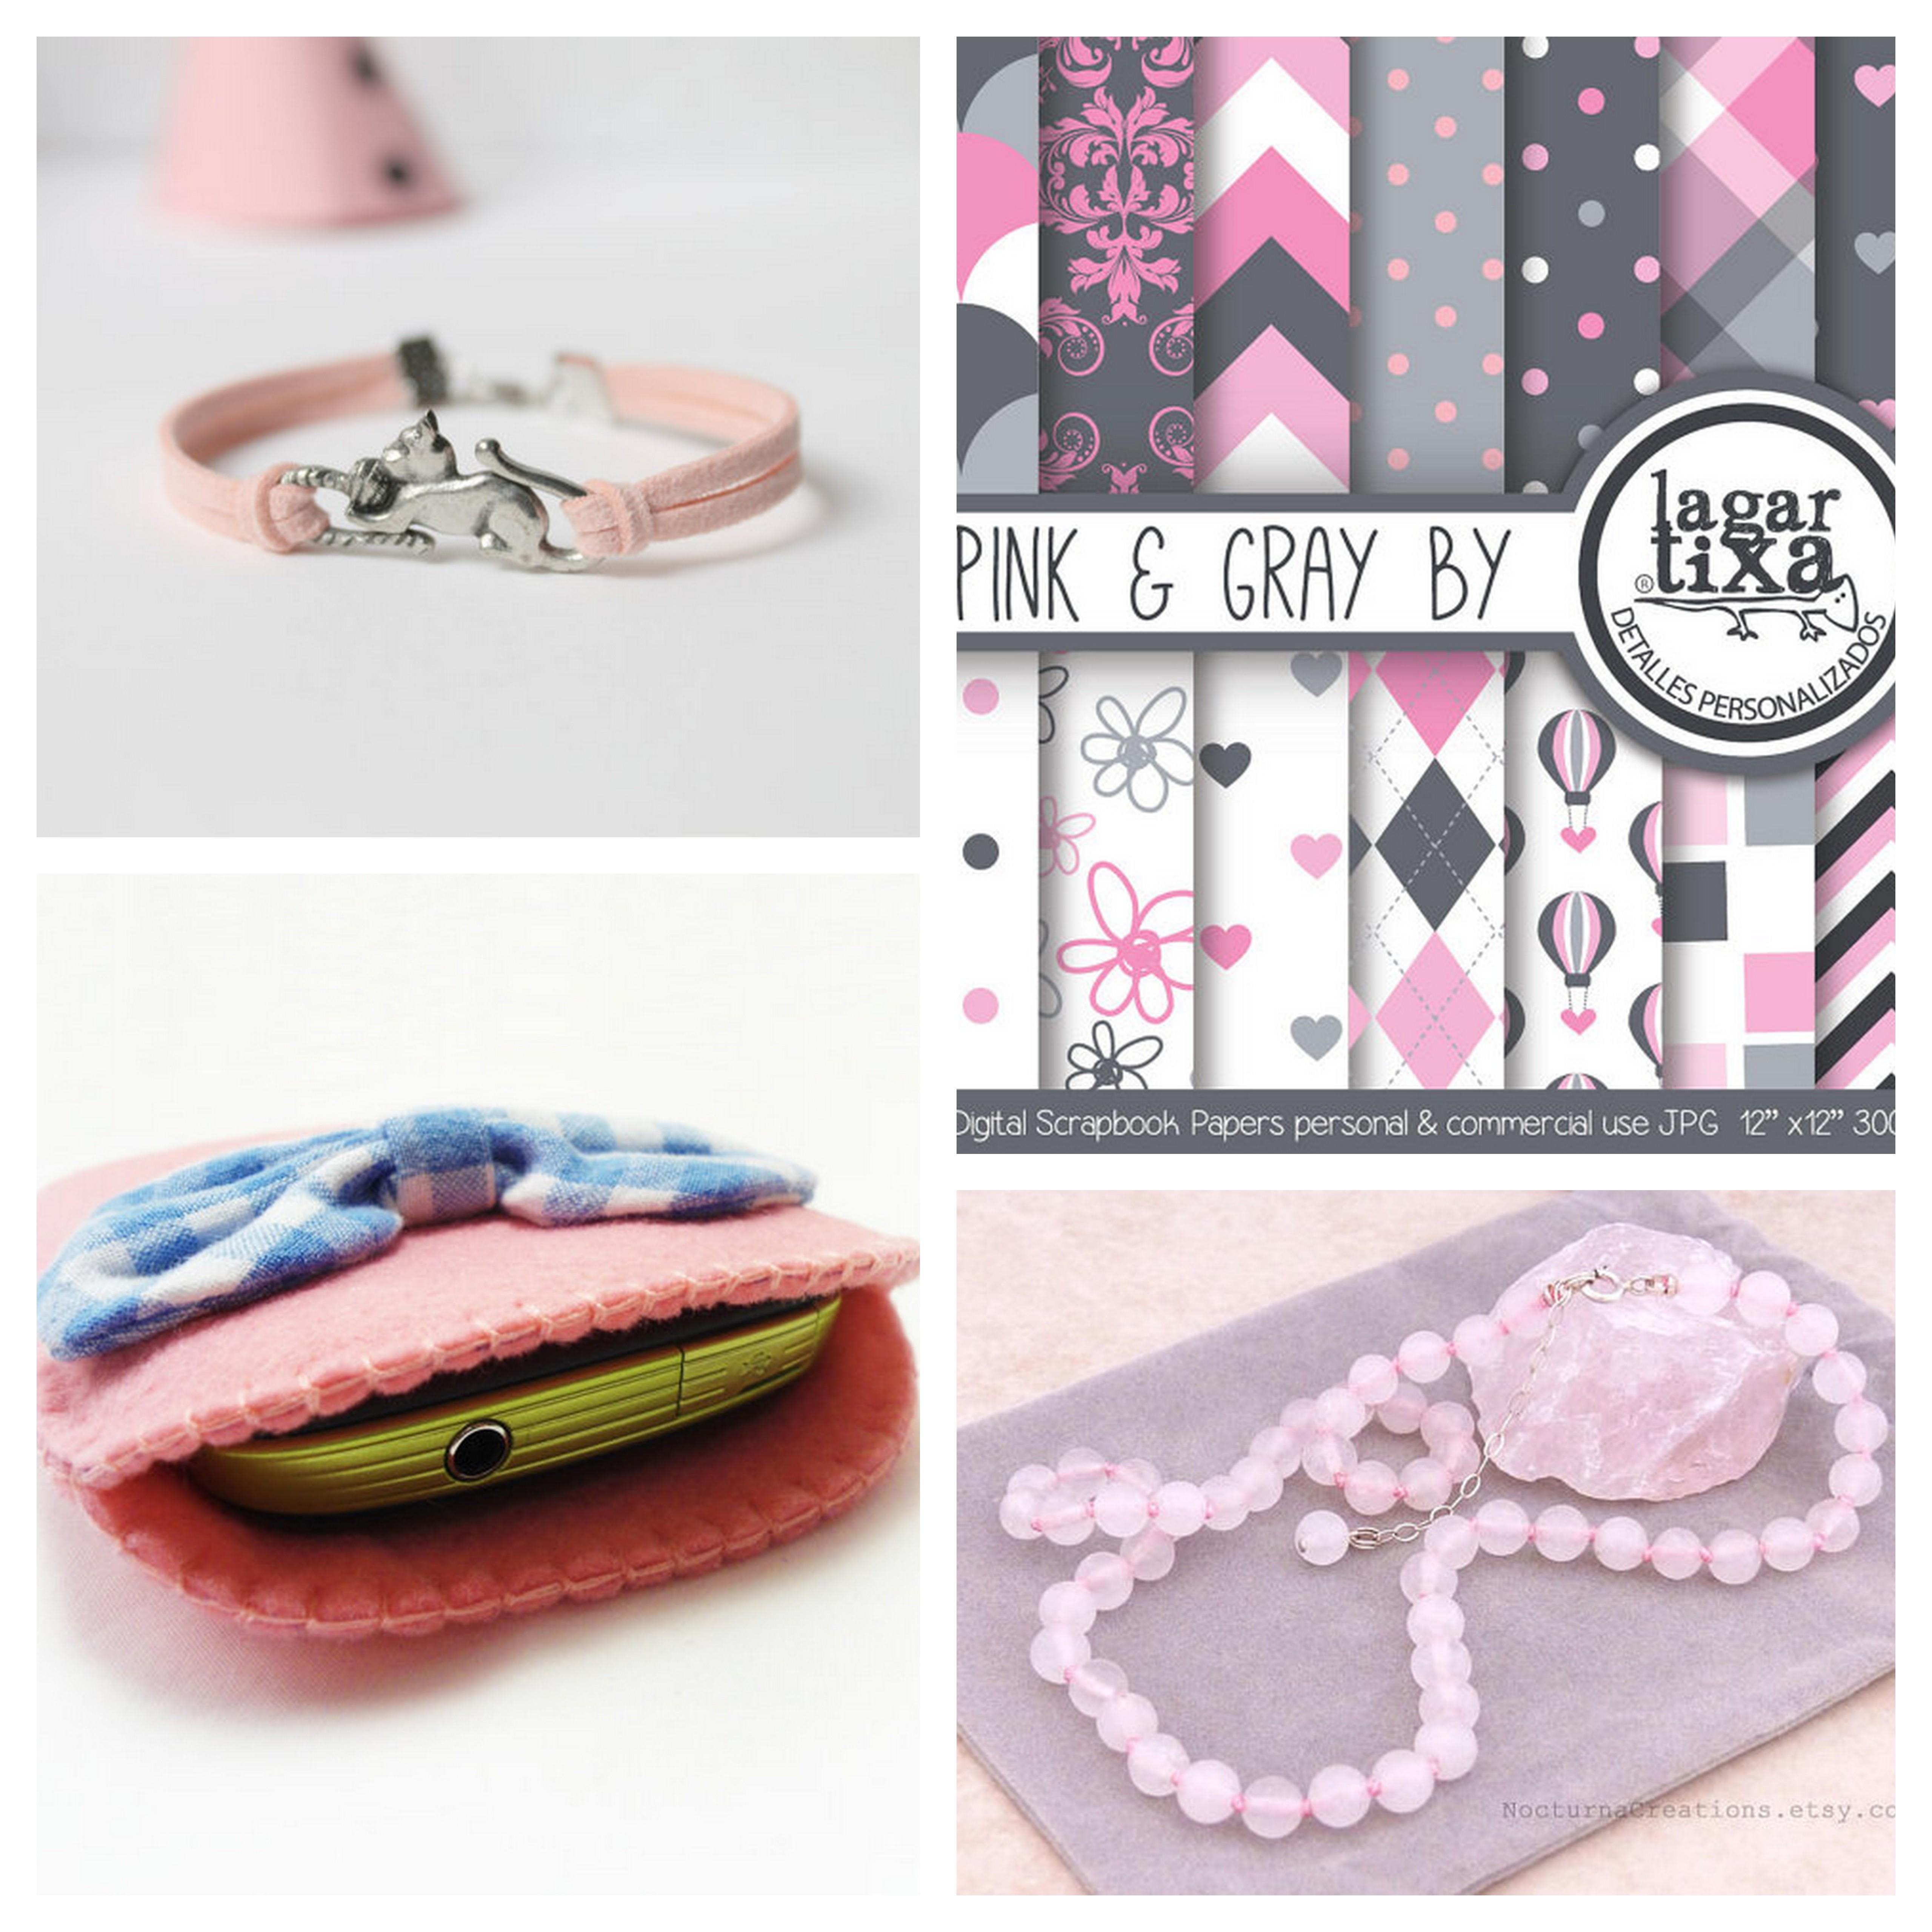 hola chics hoy me ha dado por el rosa y como es un color del blog pues nada traigo cuatro cositas una pulsera sencillita pero bonita